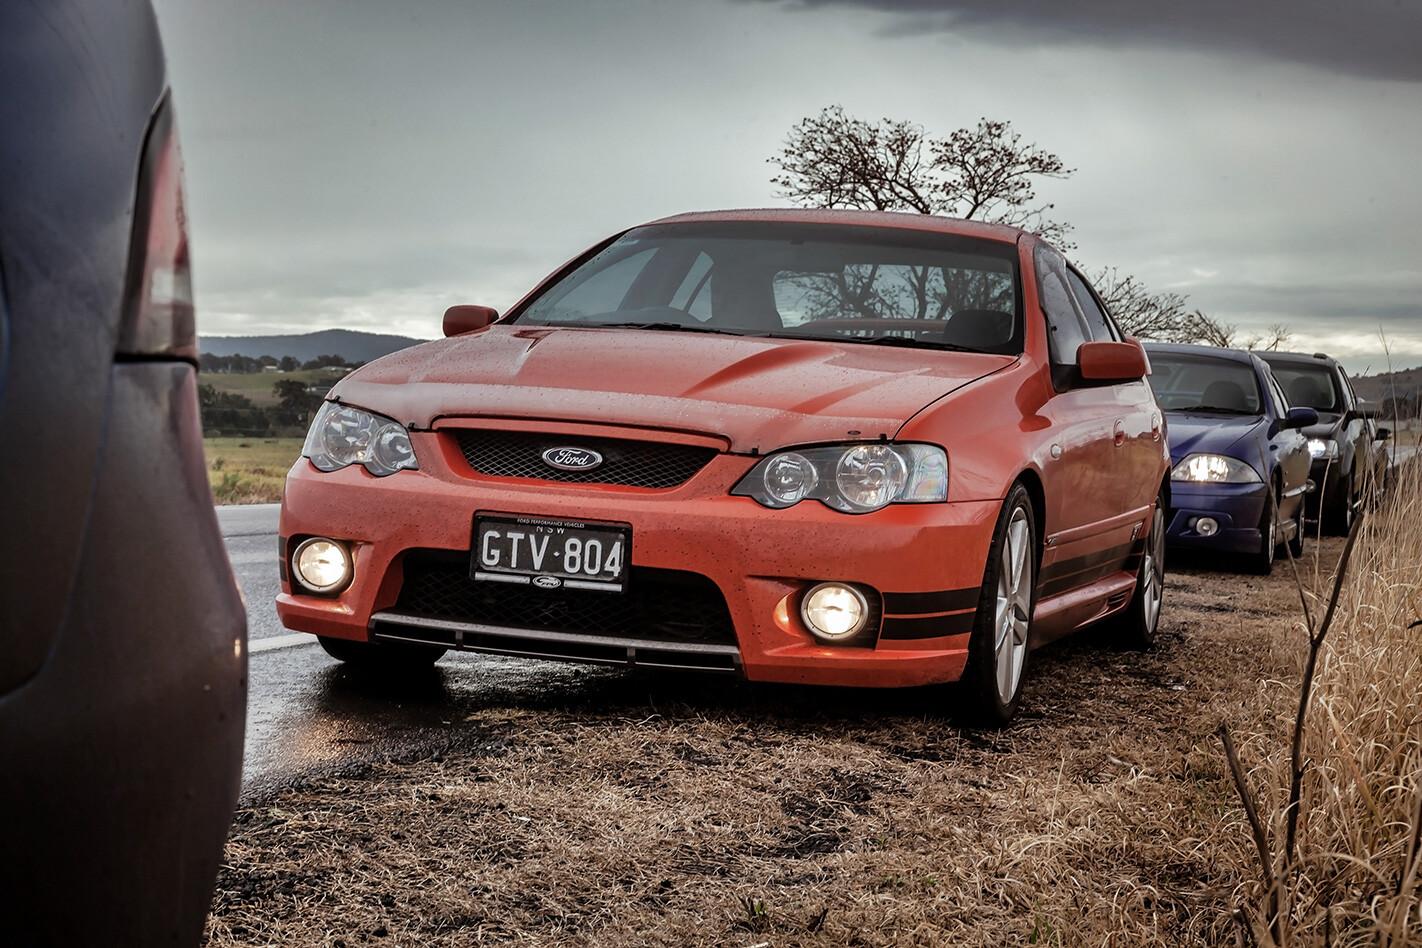 2004 BA FPV GT front.jpg